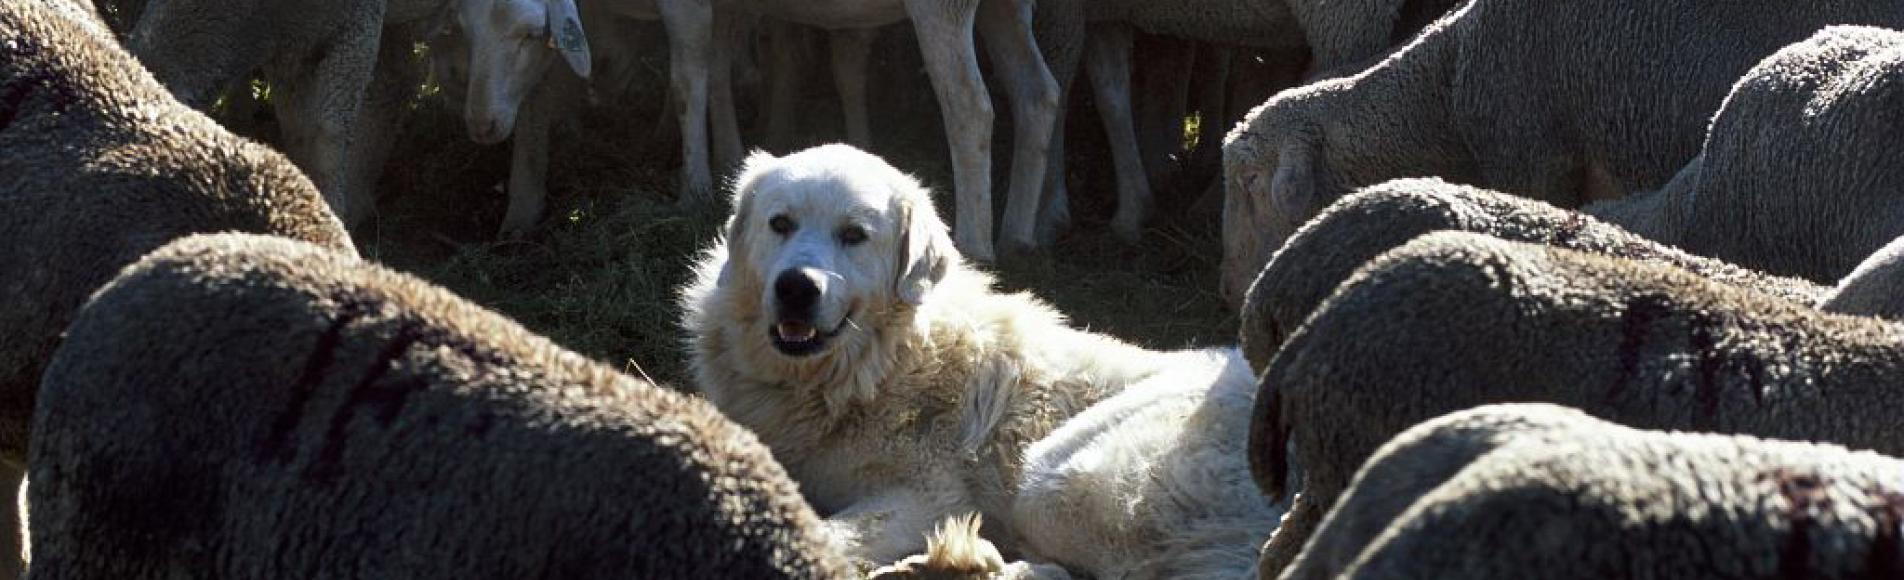 chien de protection au milieu du troupeau - photo JP Nicollet - Parc national des Ecrins